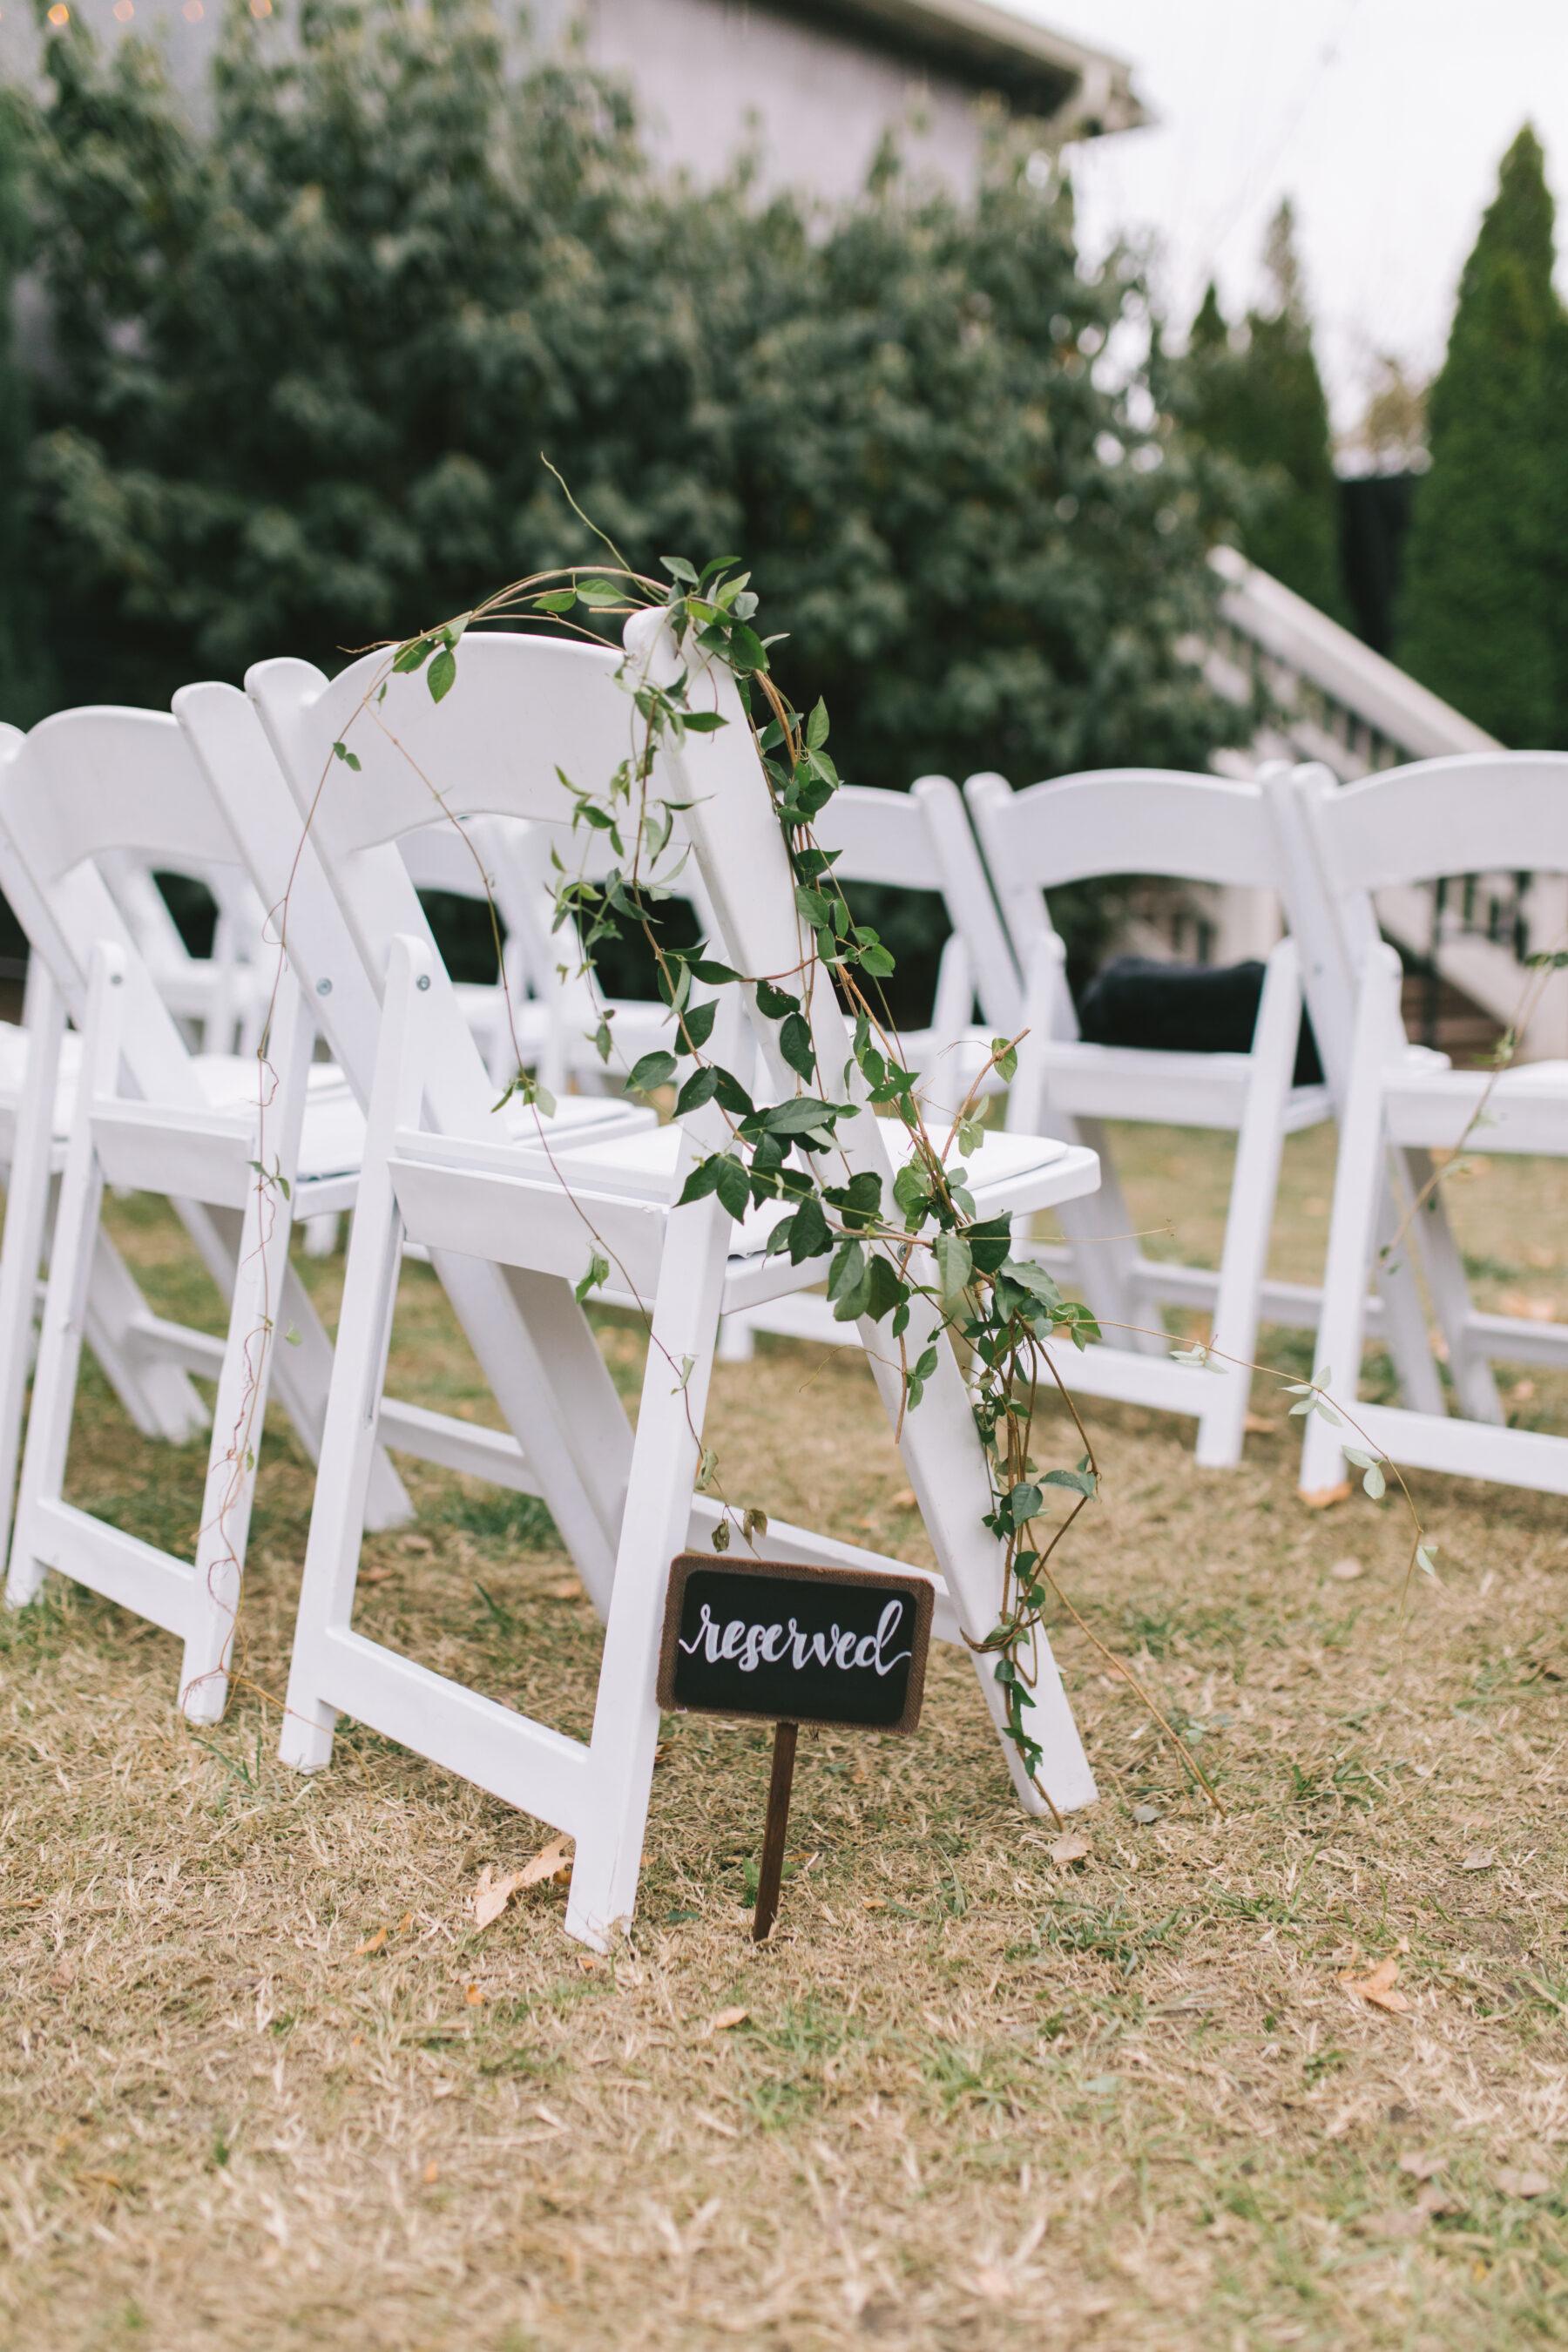 Reserved wedding ceremony sign | Nashville Bride Guide